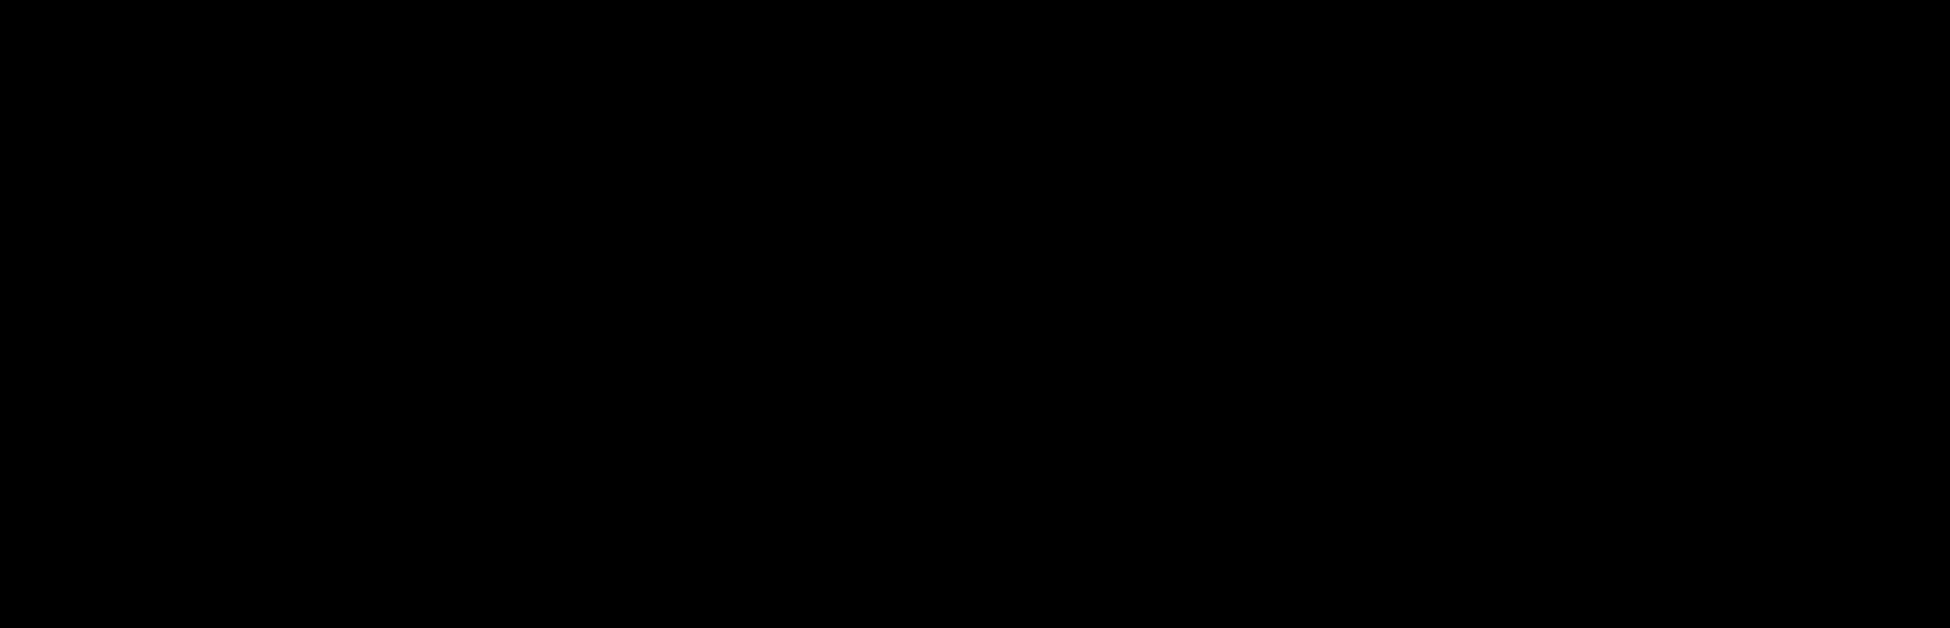 ドンペリロゴ